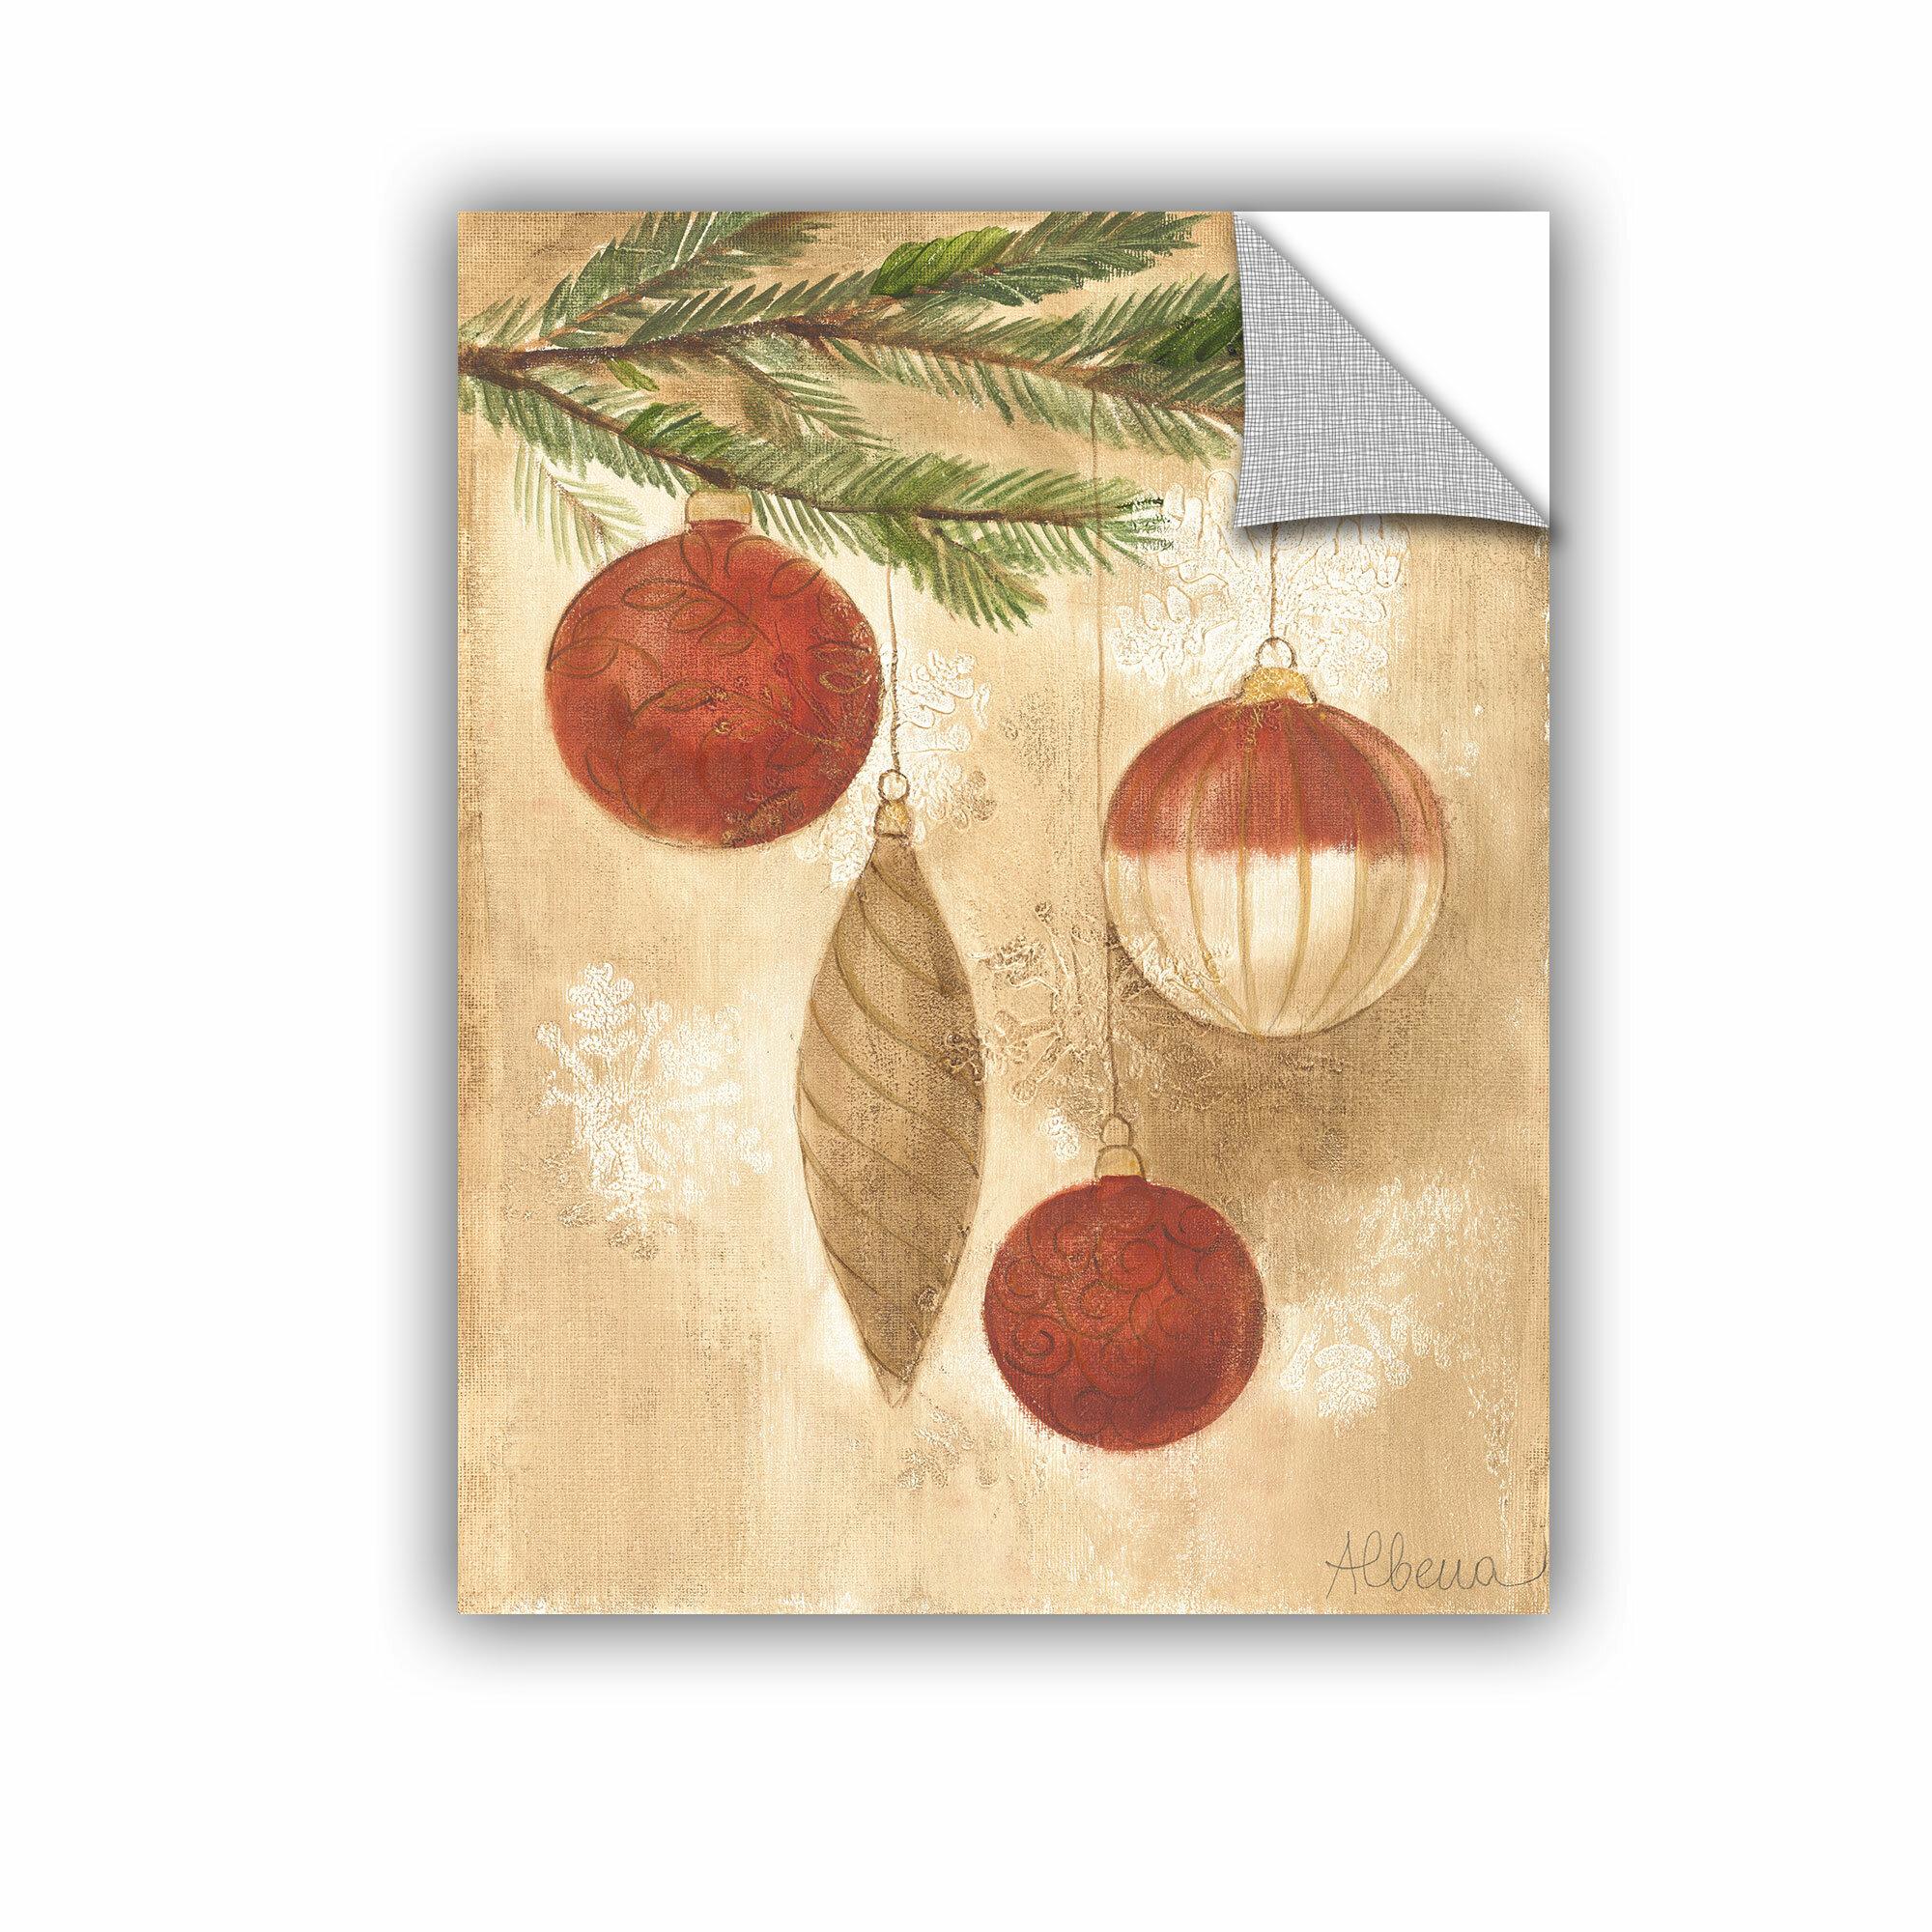 Artwall Albena Hristova Christmas Ornaments Wall Decal Wayfair